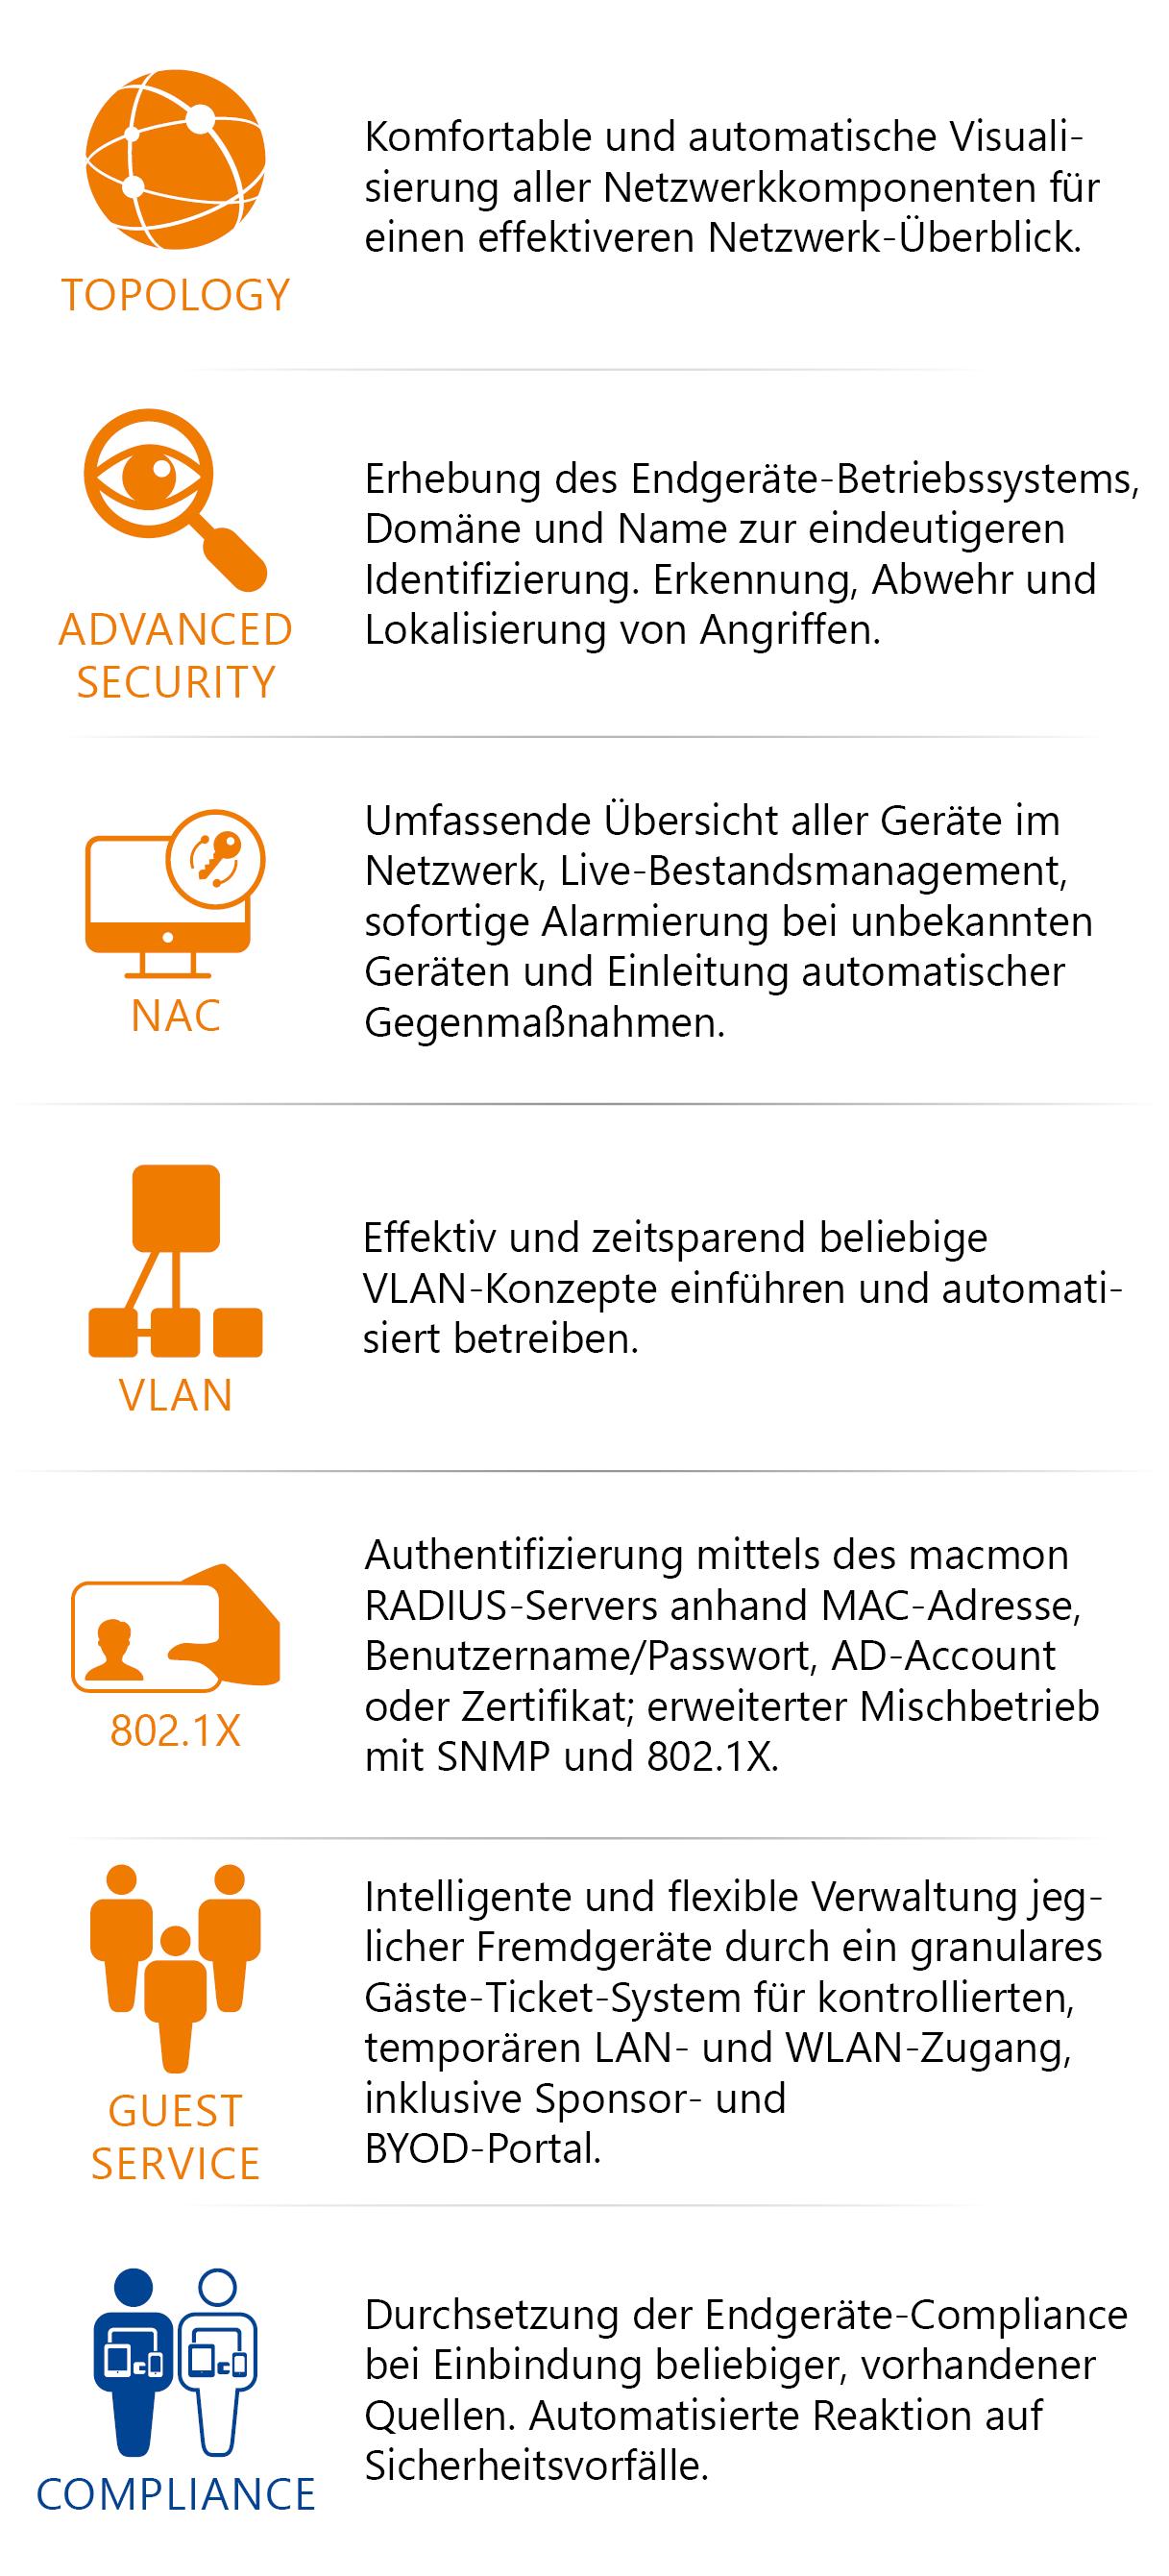 tabelle-funktionen-mobil